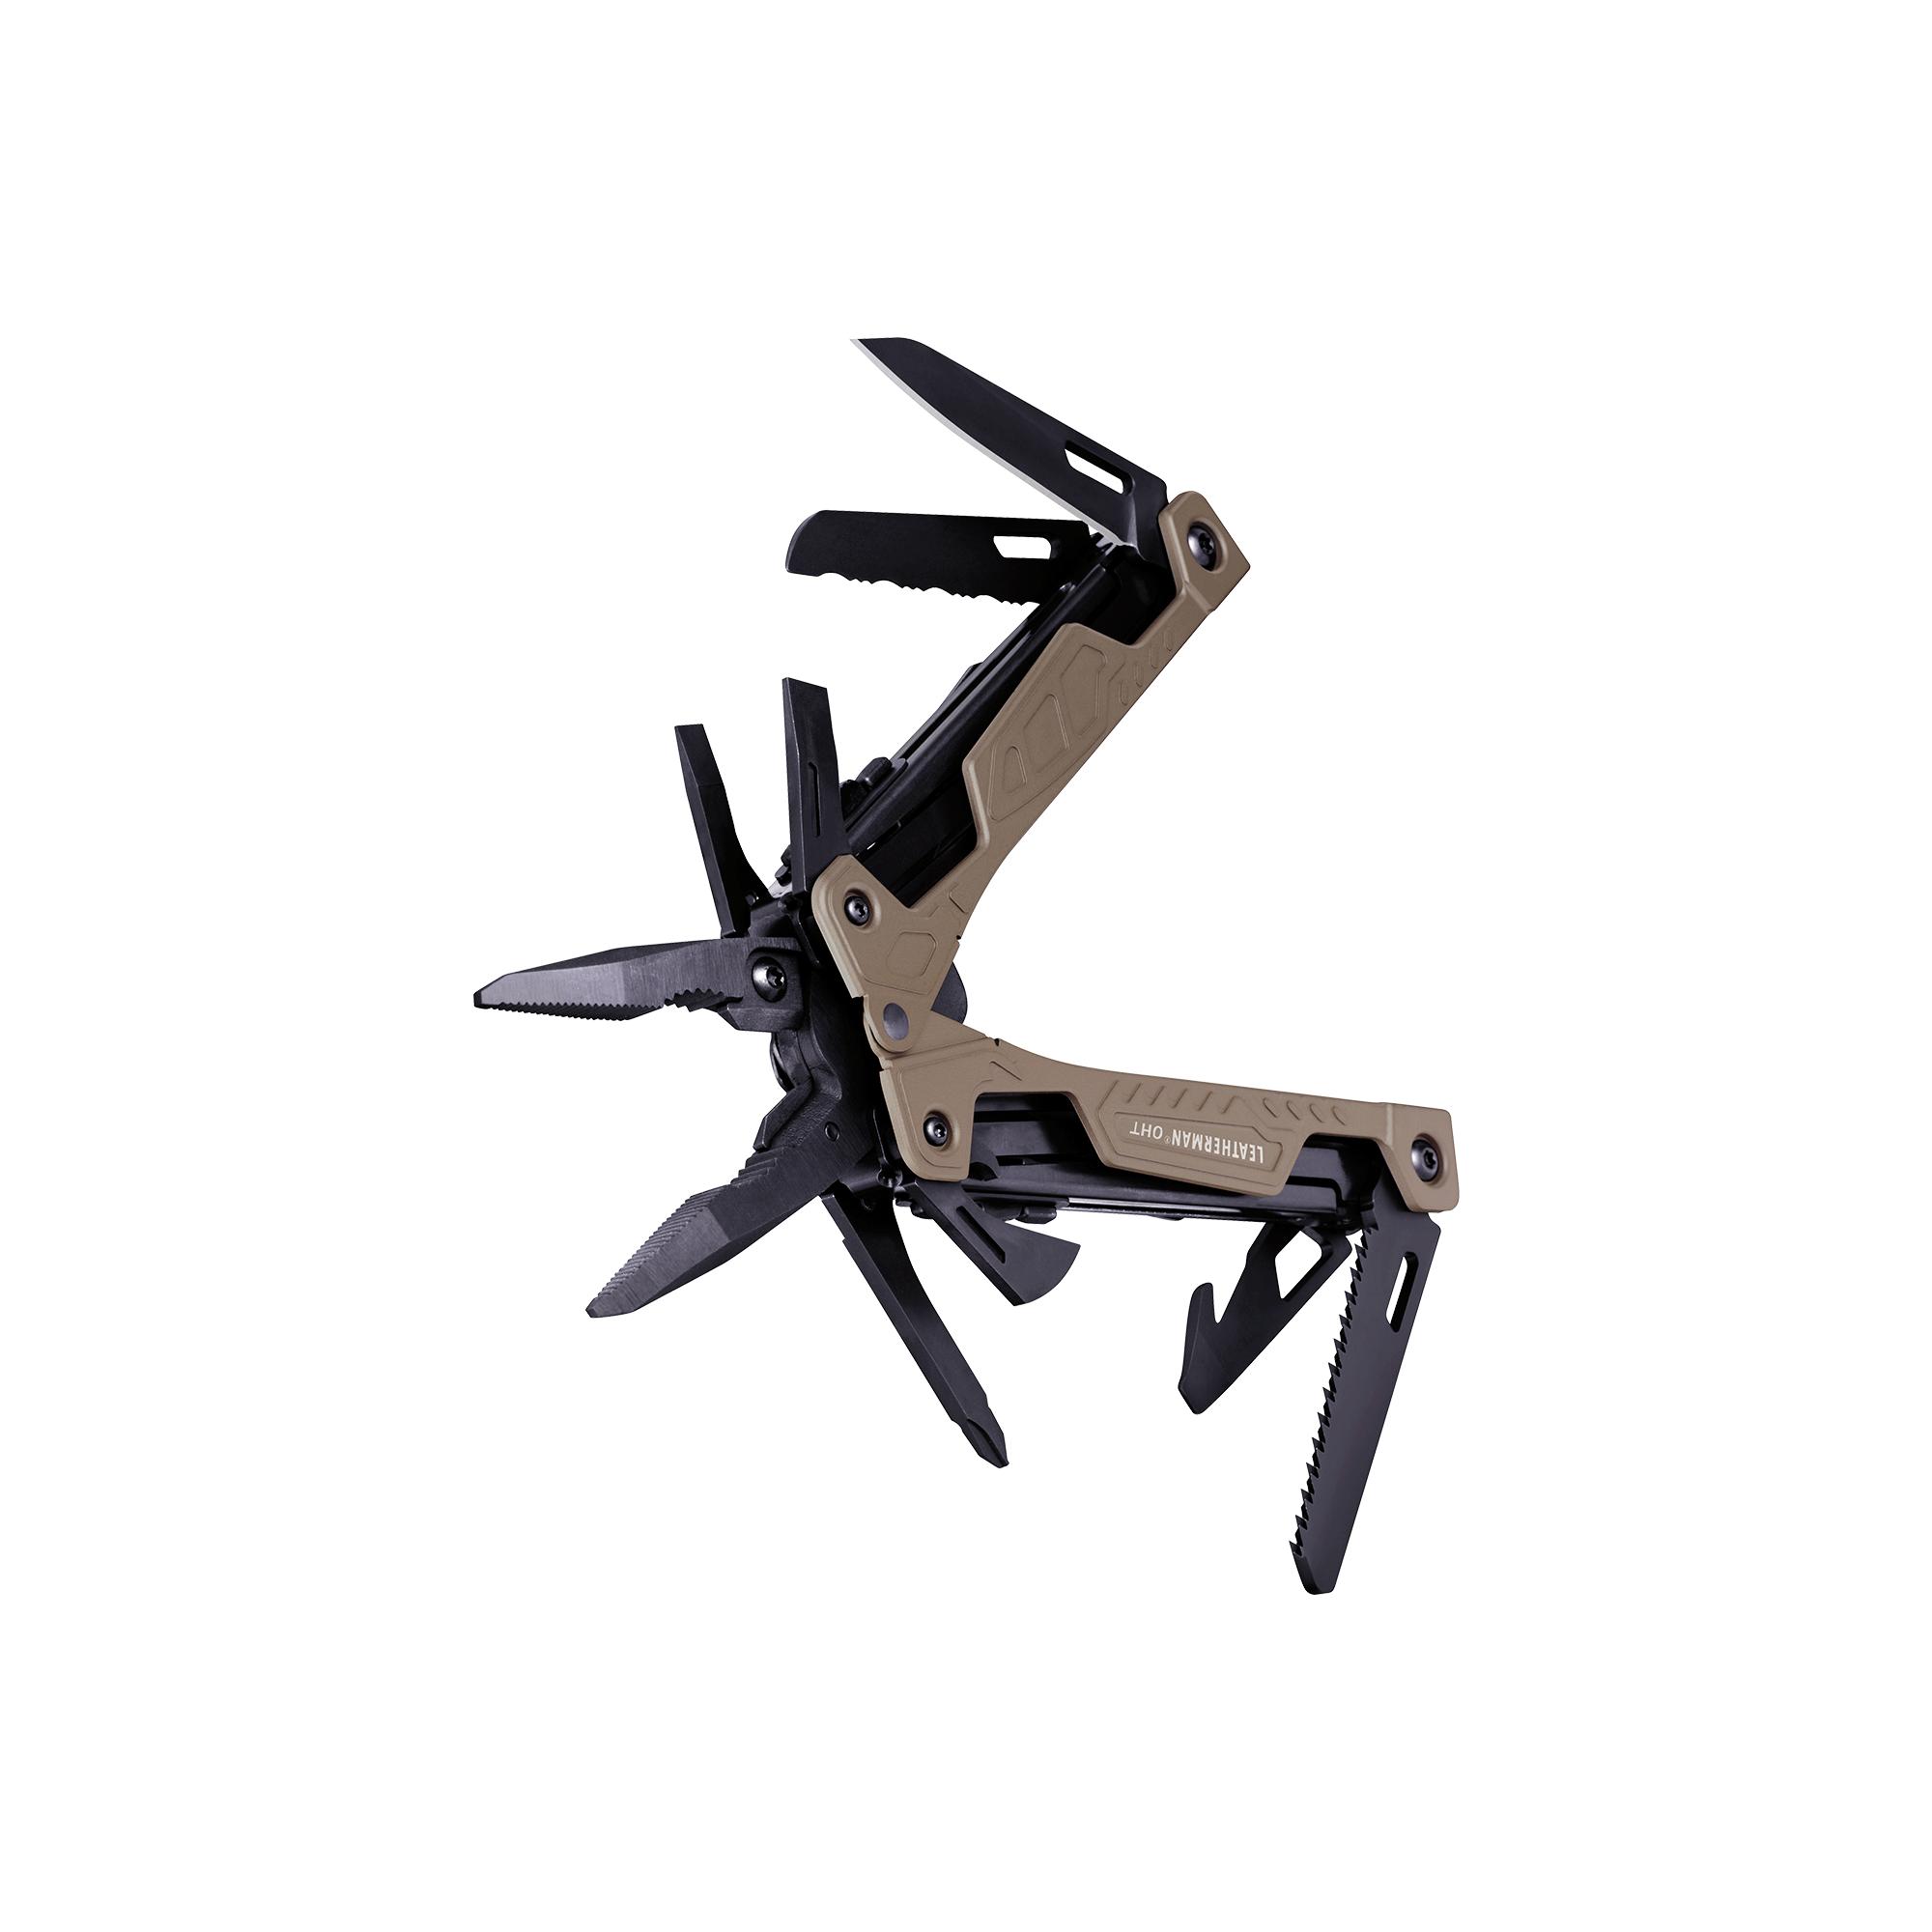 Leatherman OHT multi-tool, coyote tan, 16 tools